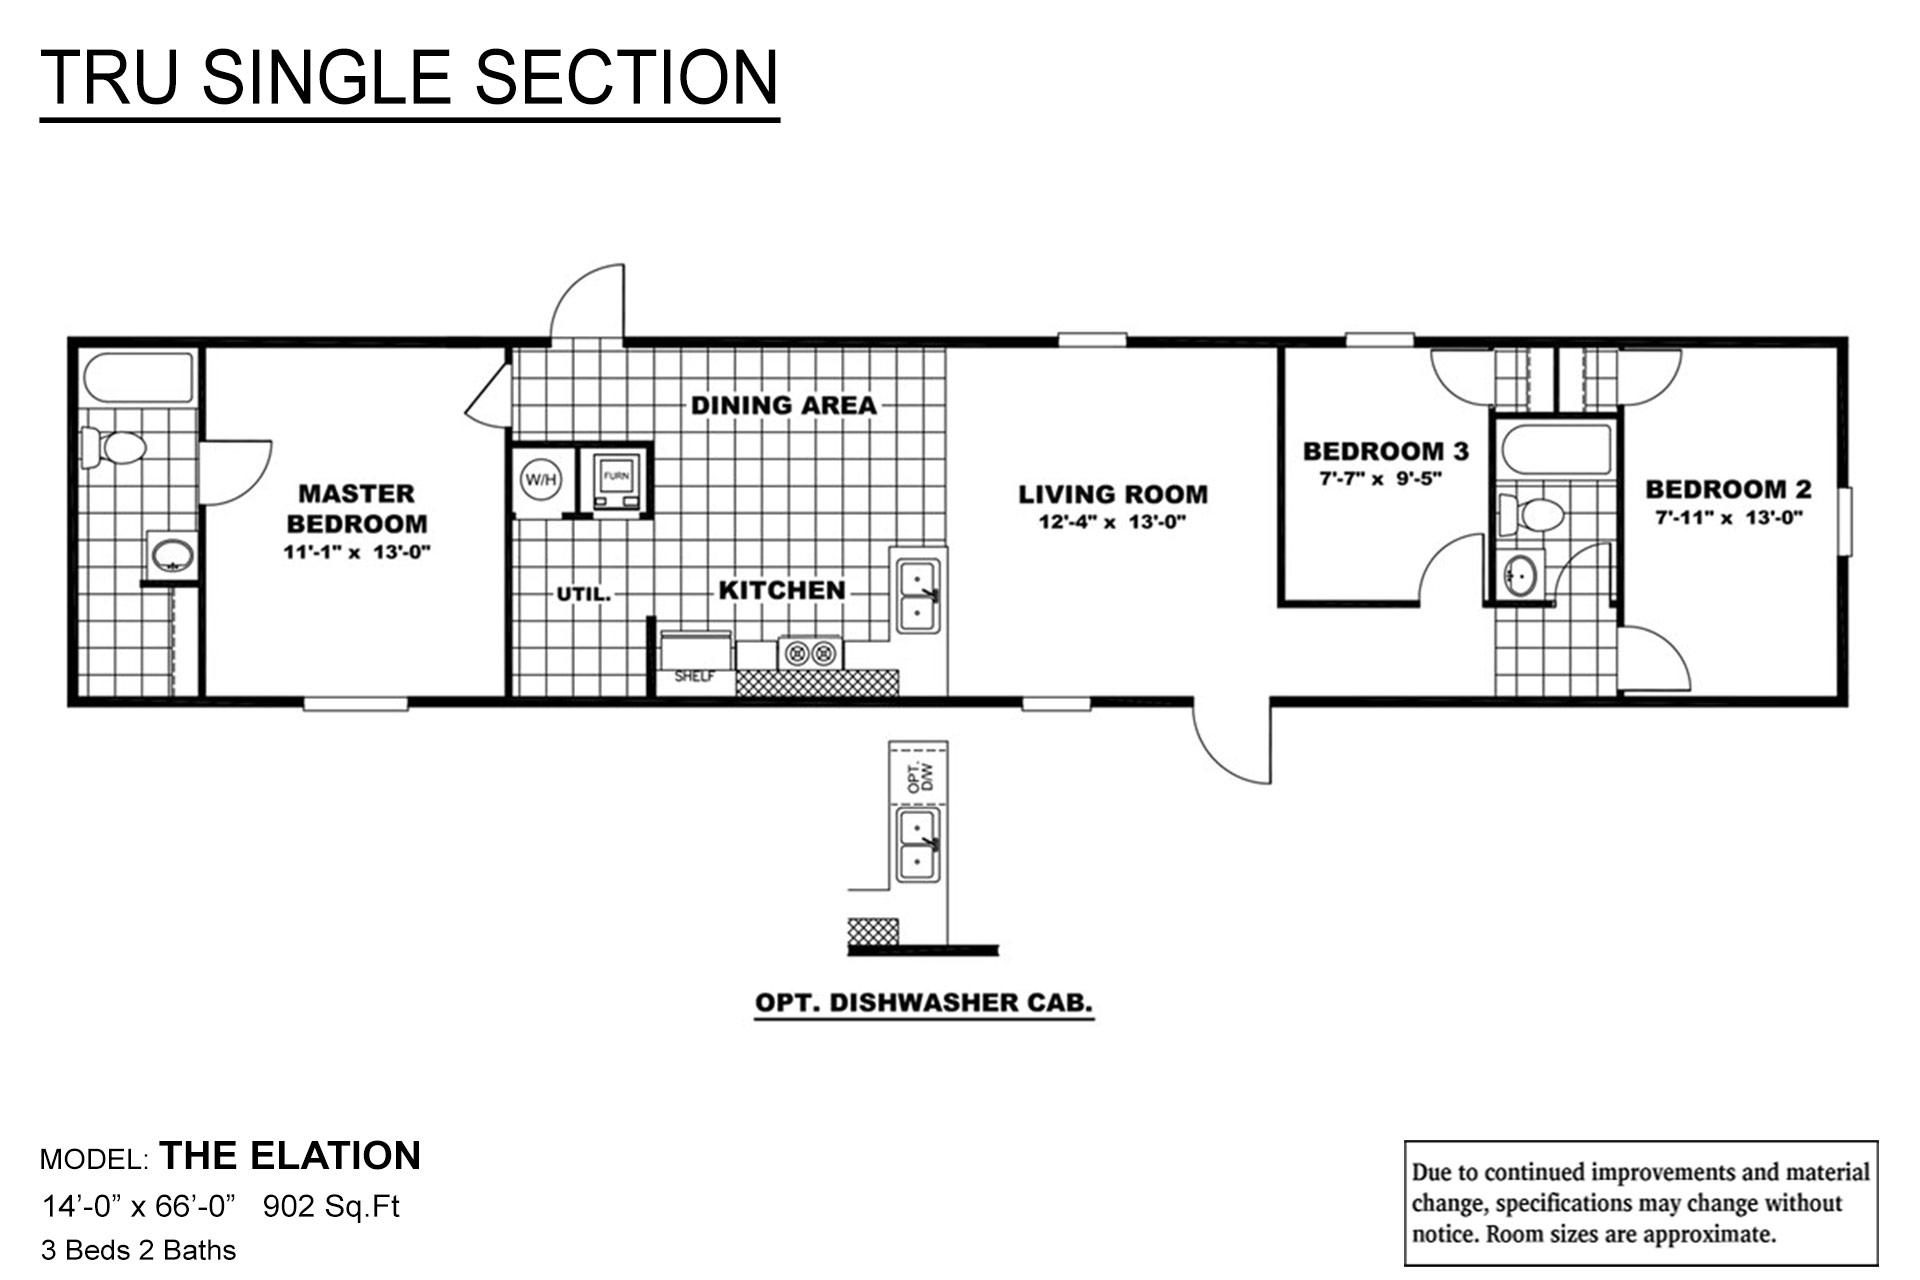 TRU Single Section Elation Layout